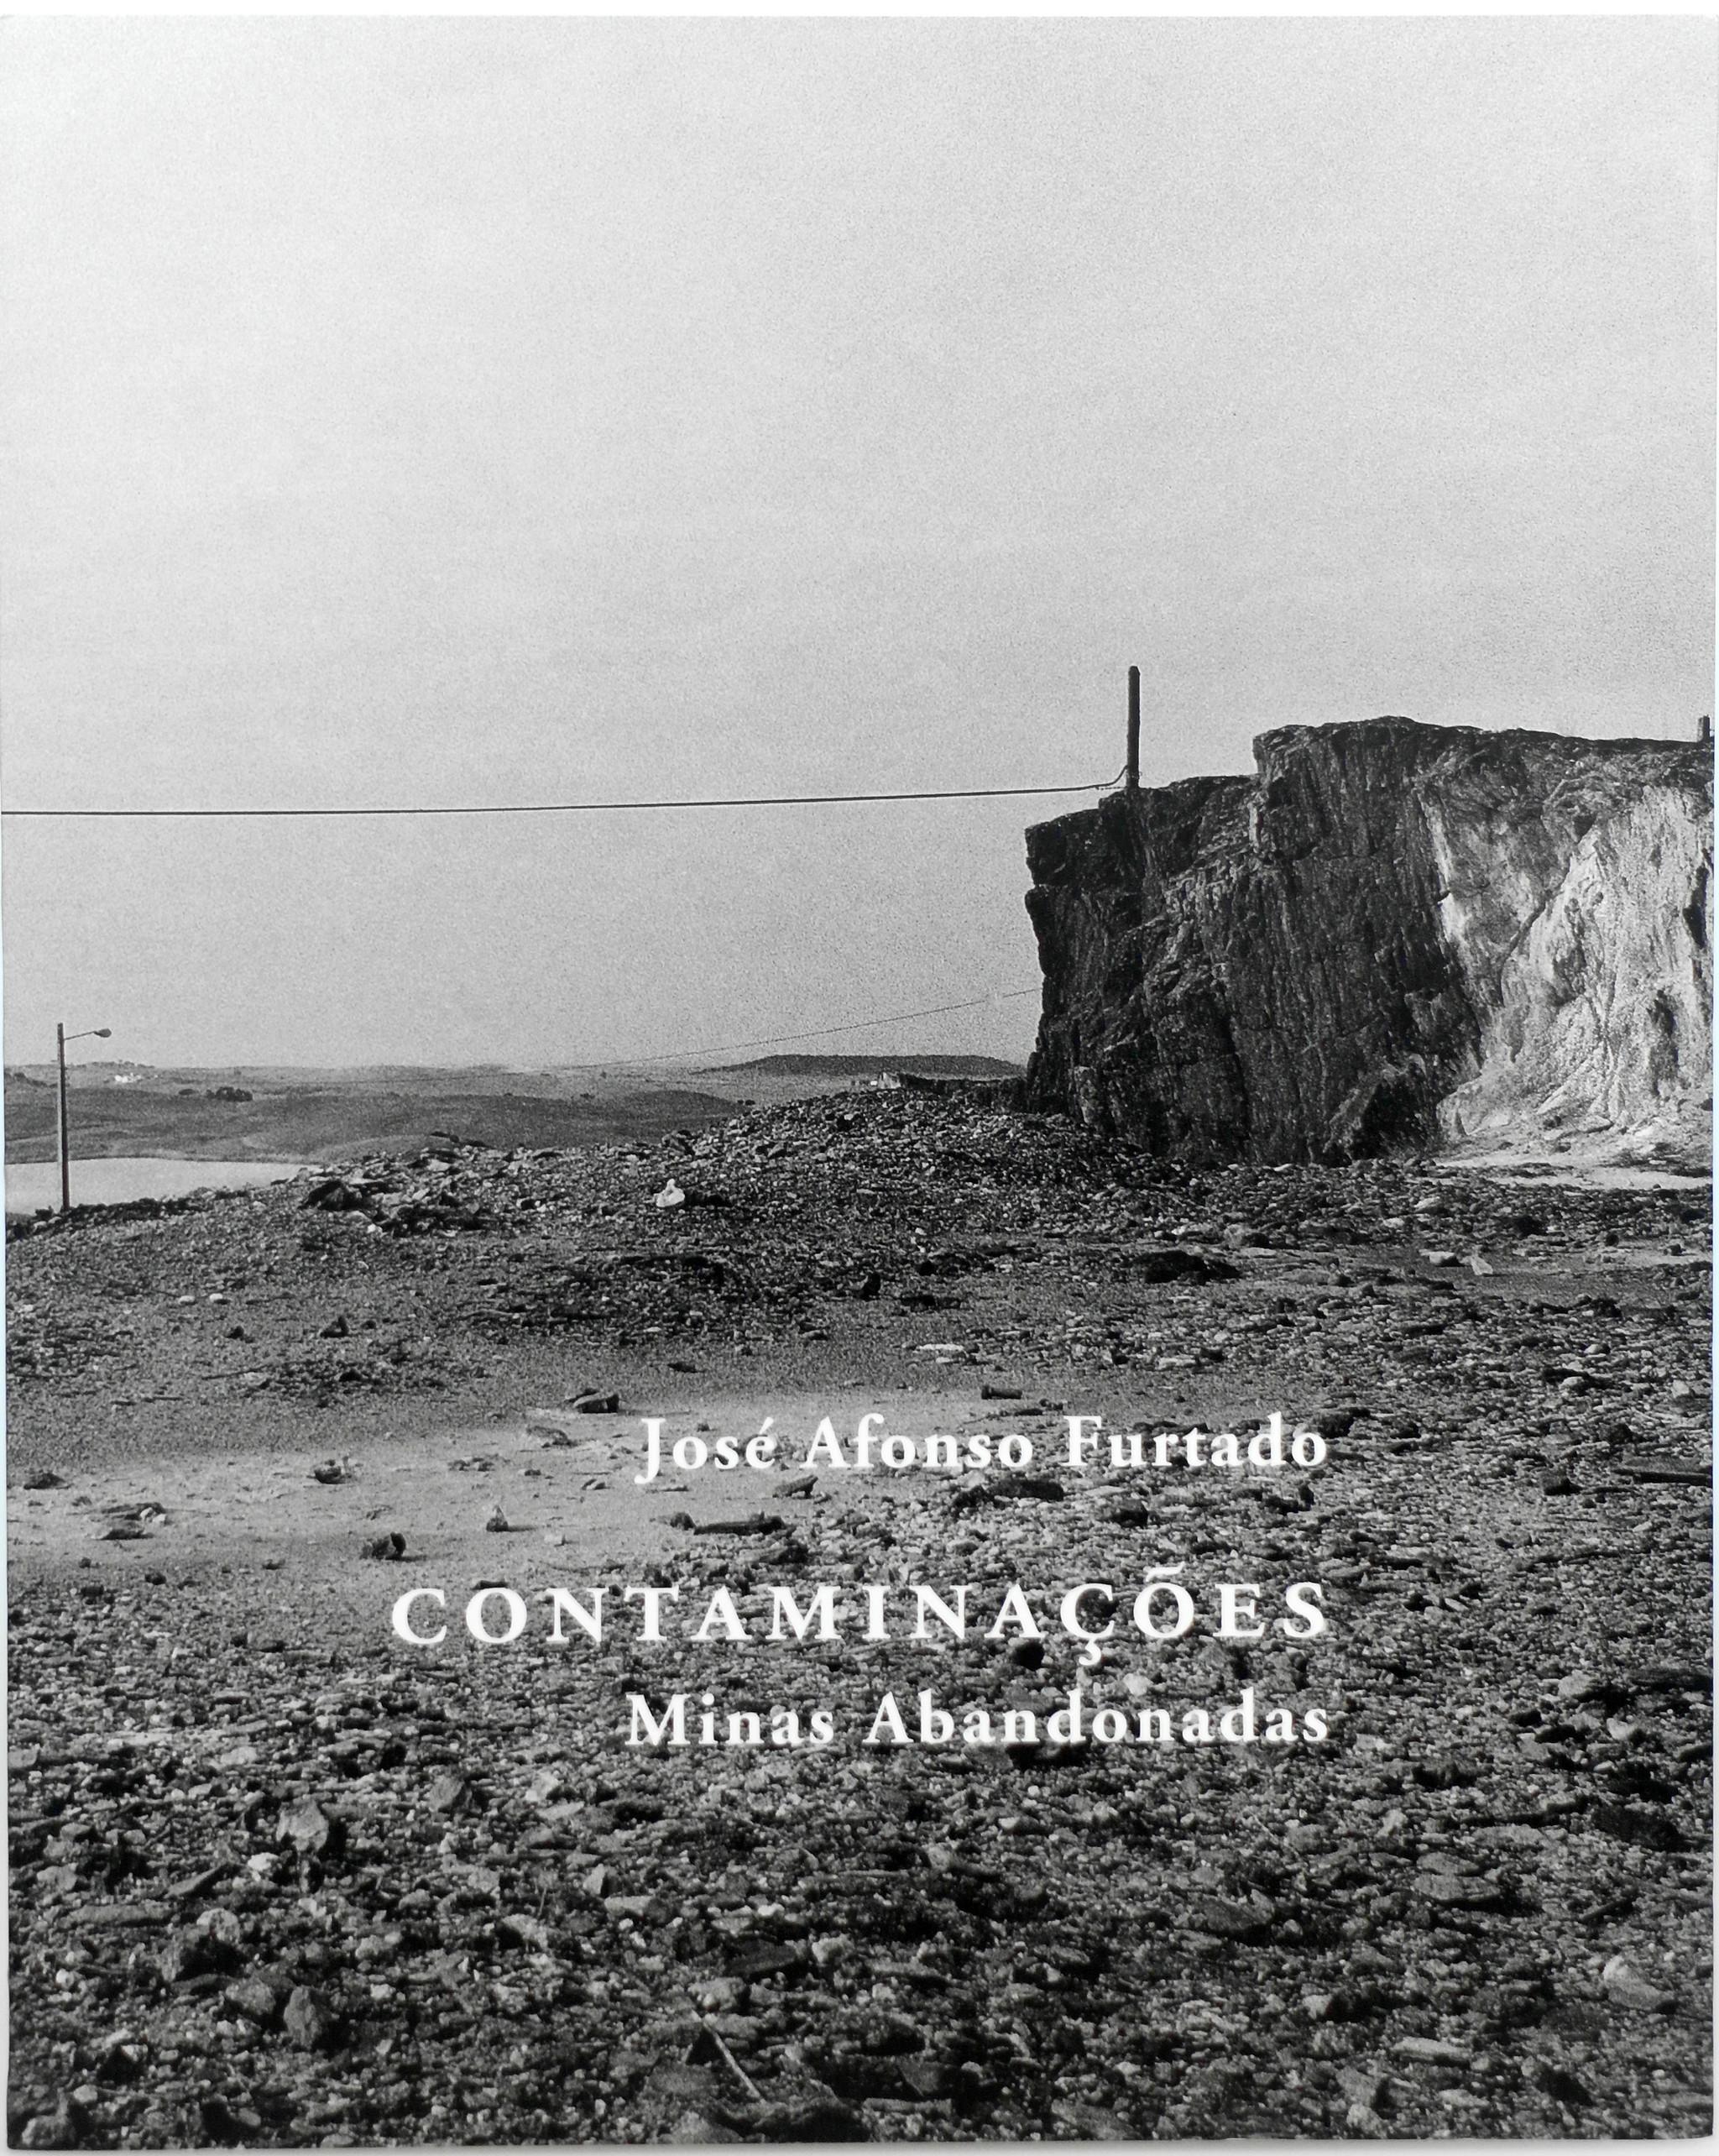 livro Contaminacoes de Jose Afonso Furtado.JPG